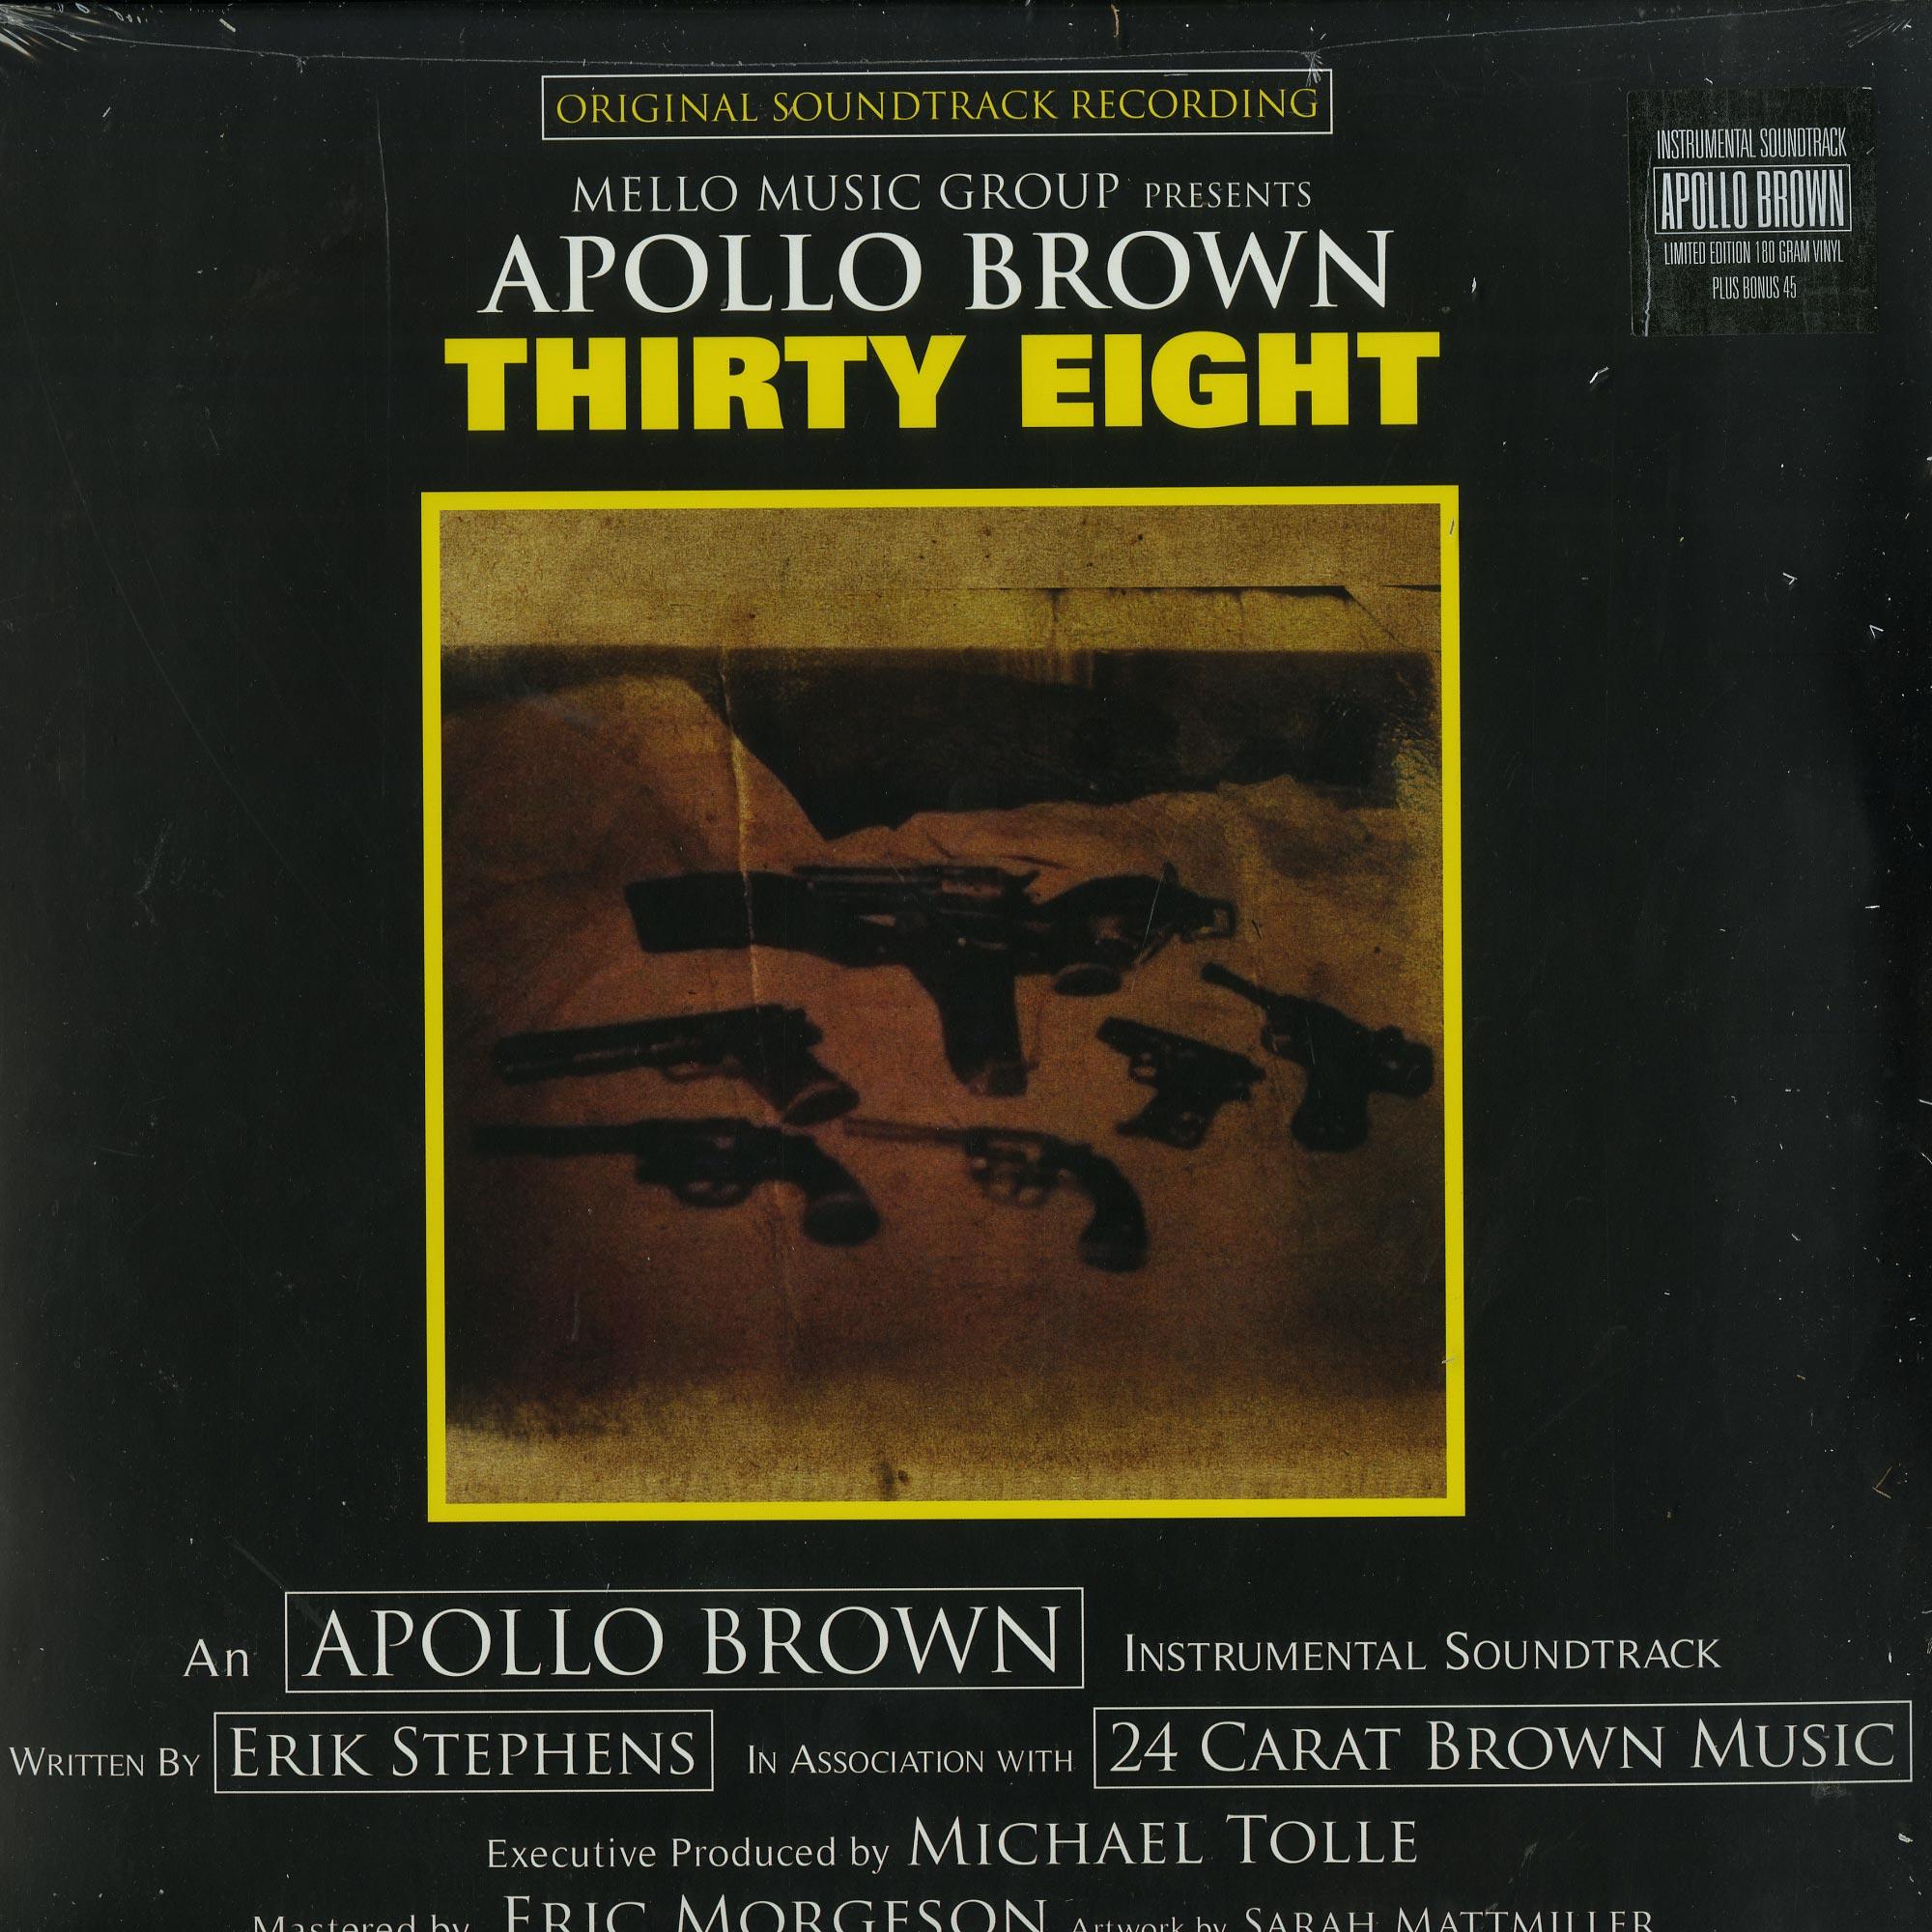 Apollo Brown - THIRSTY EIGHT